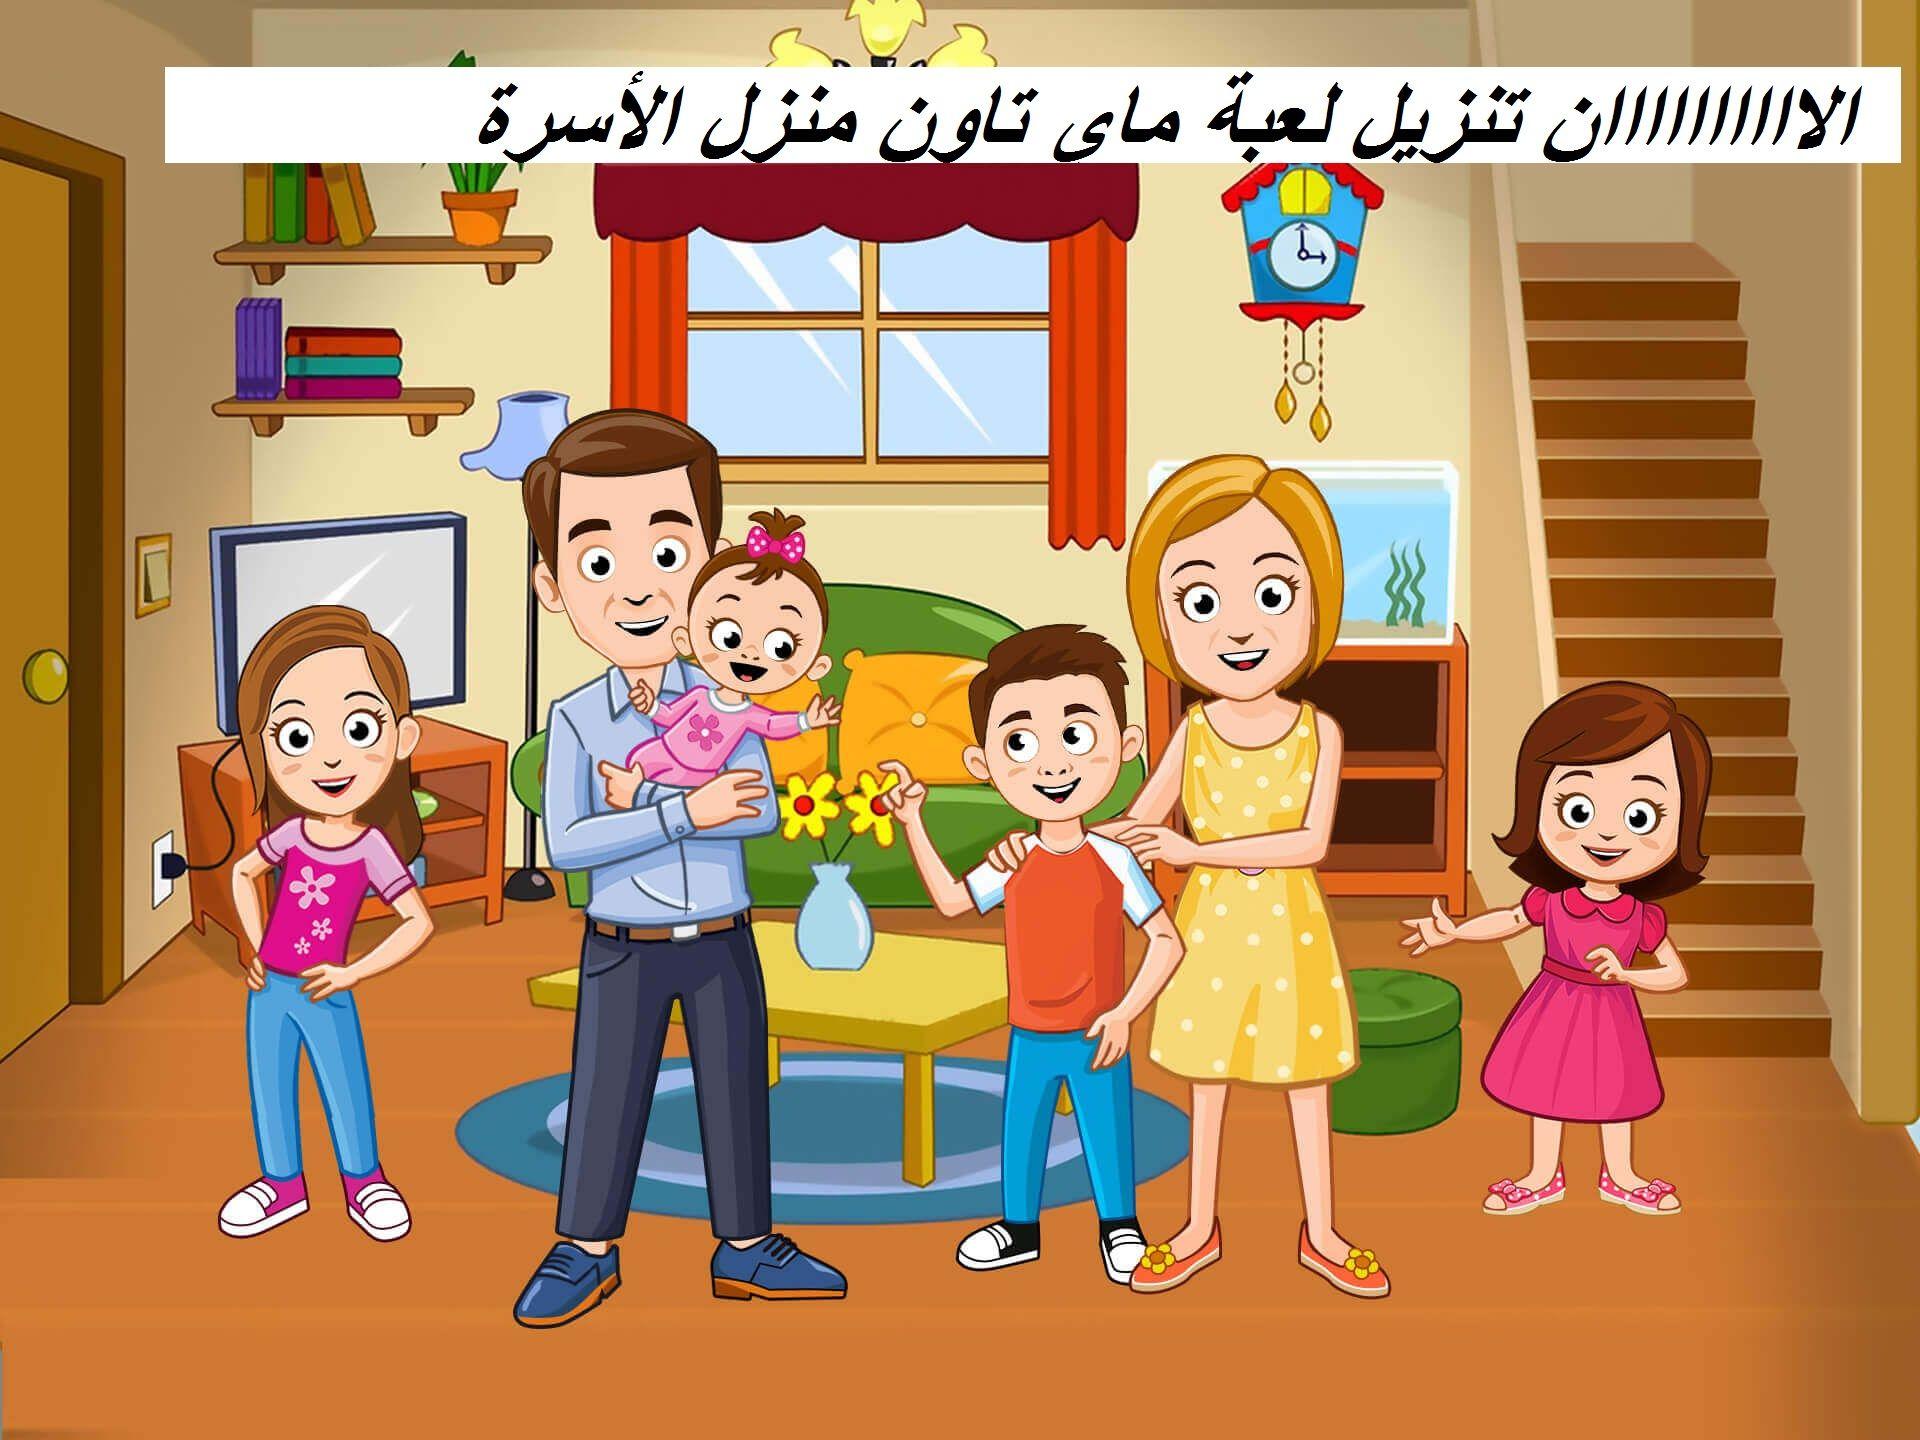 تحميل لعبة ماي تاون منزل الأسرة للاندرويد مجانا My Town 2020 برابط مباشر Apk Cool Words Family Guy Character